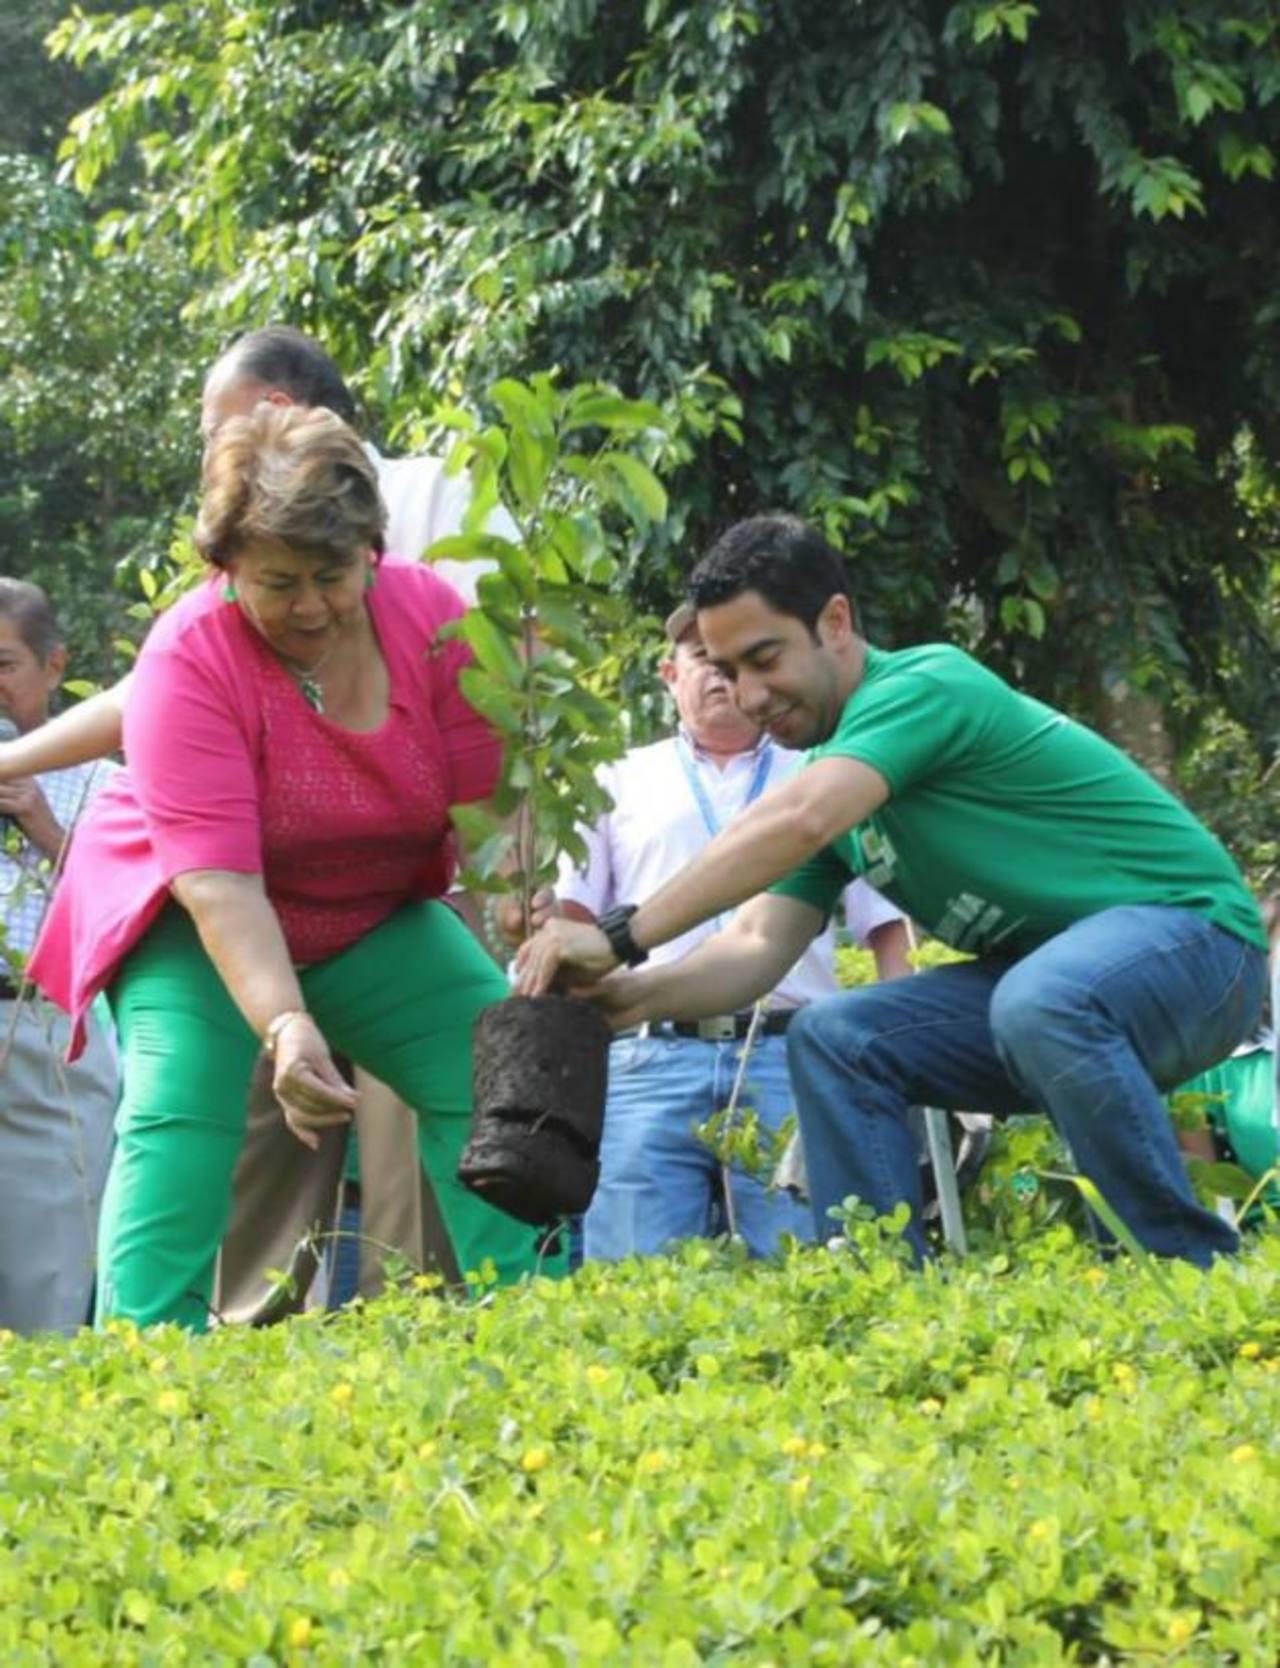 La alcaldesa de Antiguo Cuscatlán, Milagro Navas, también participó en la siembra de los árboles. Foto EDH / CORTESÍA